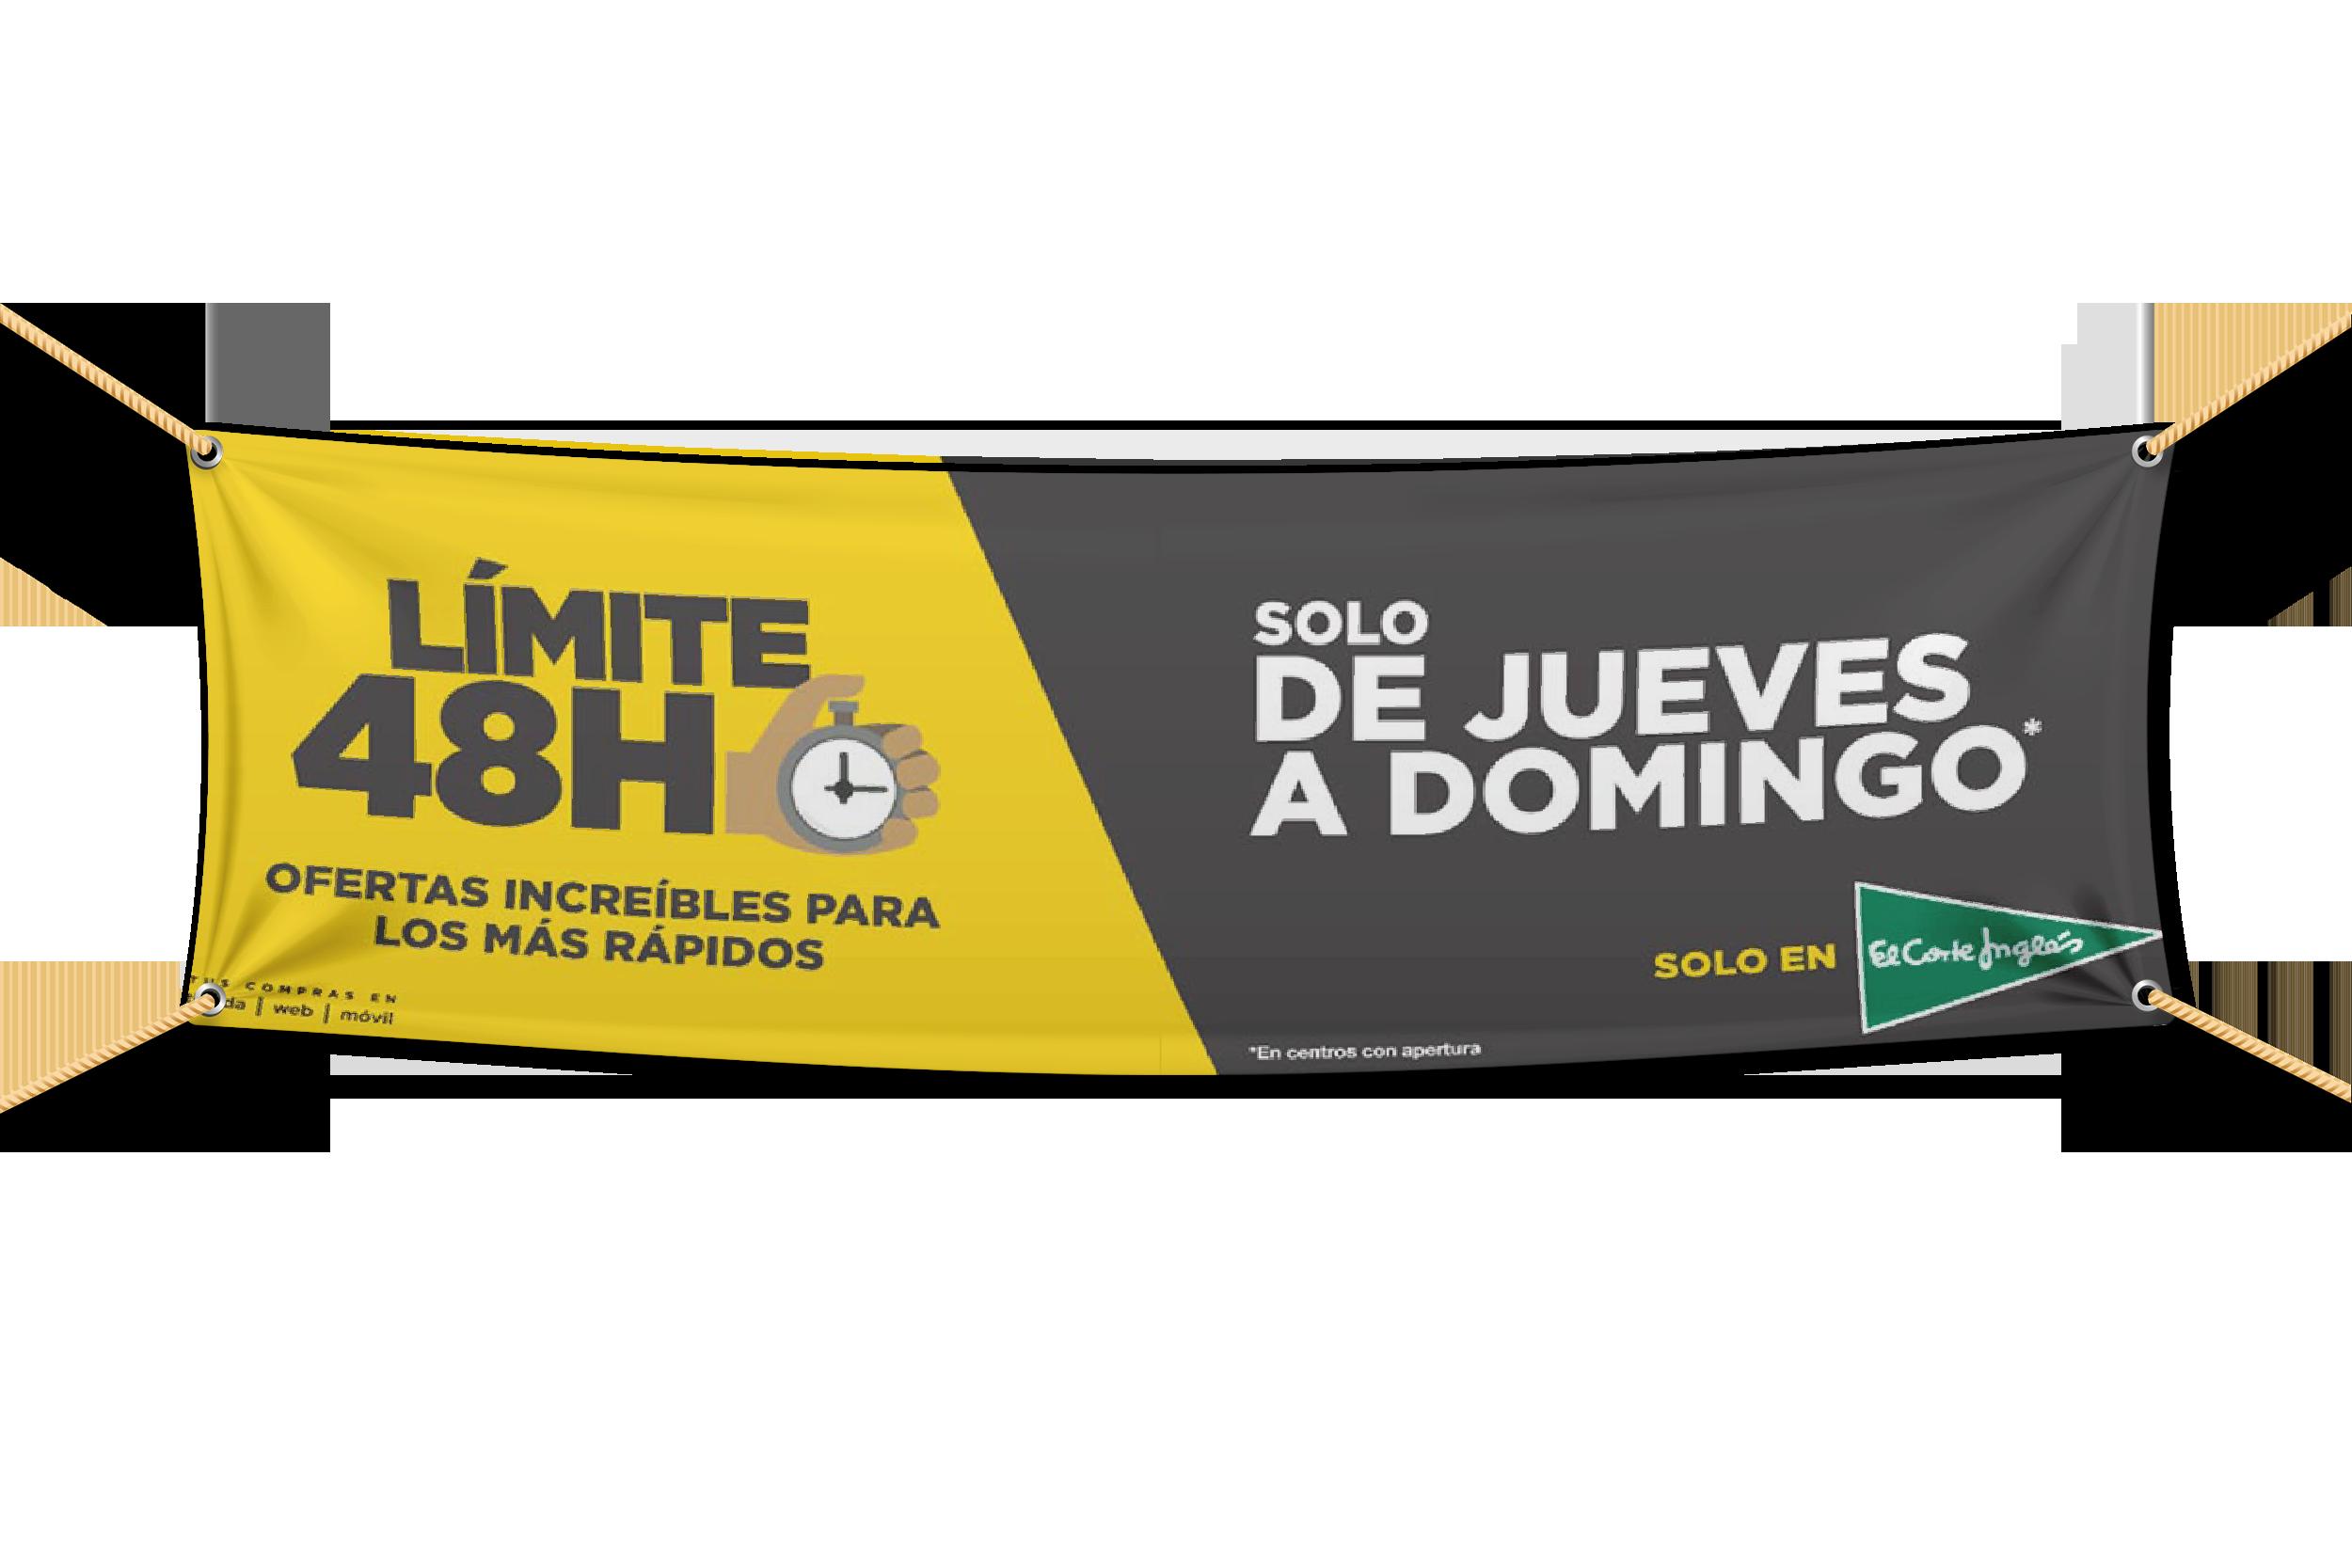 Hawser Tu Empresa de Publicidad y Marketing en Canarias 5